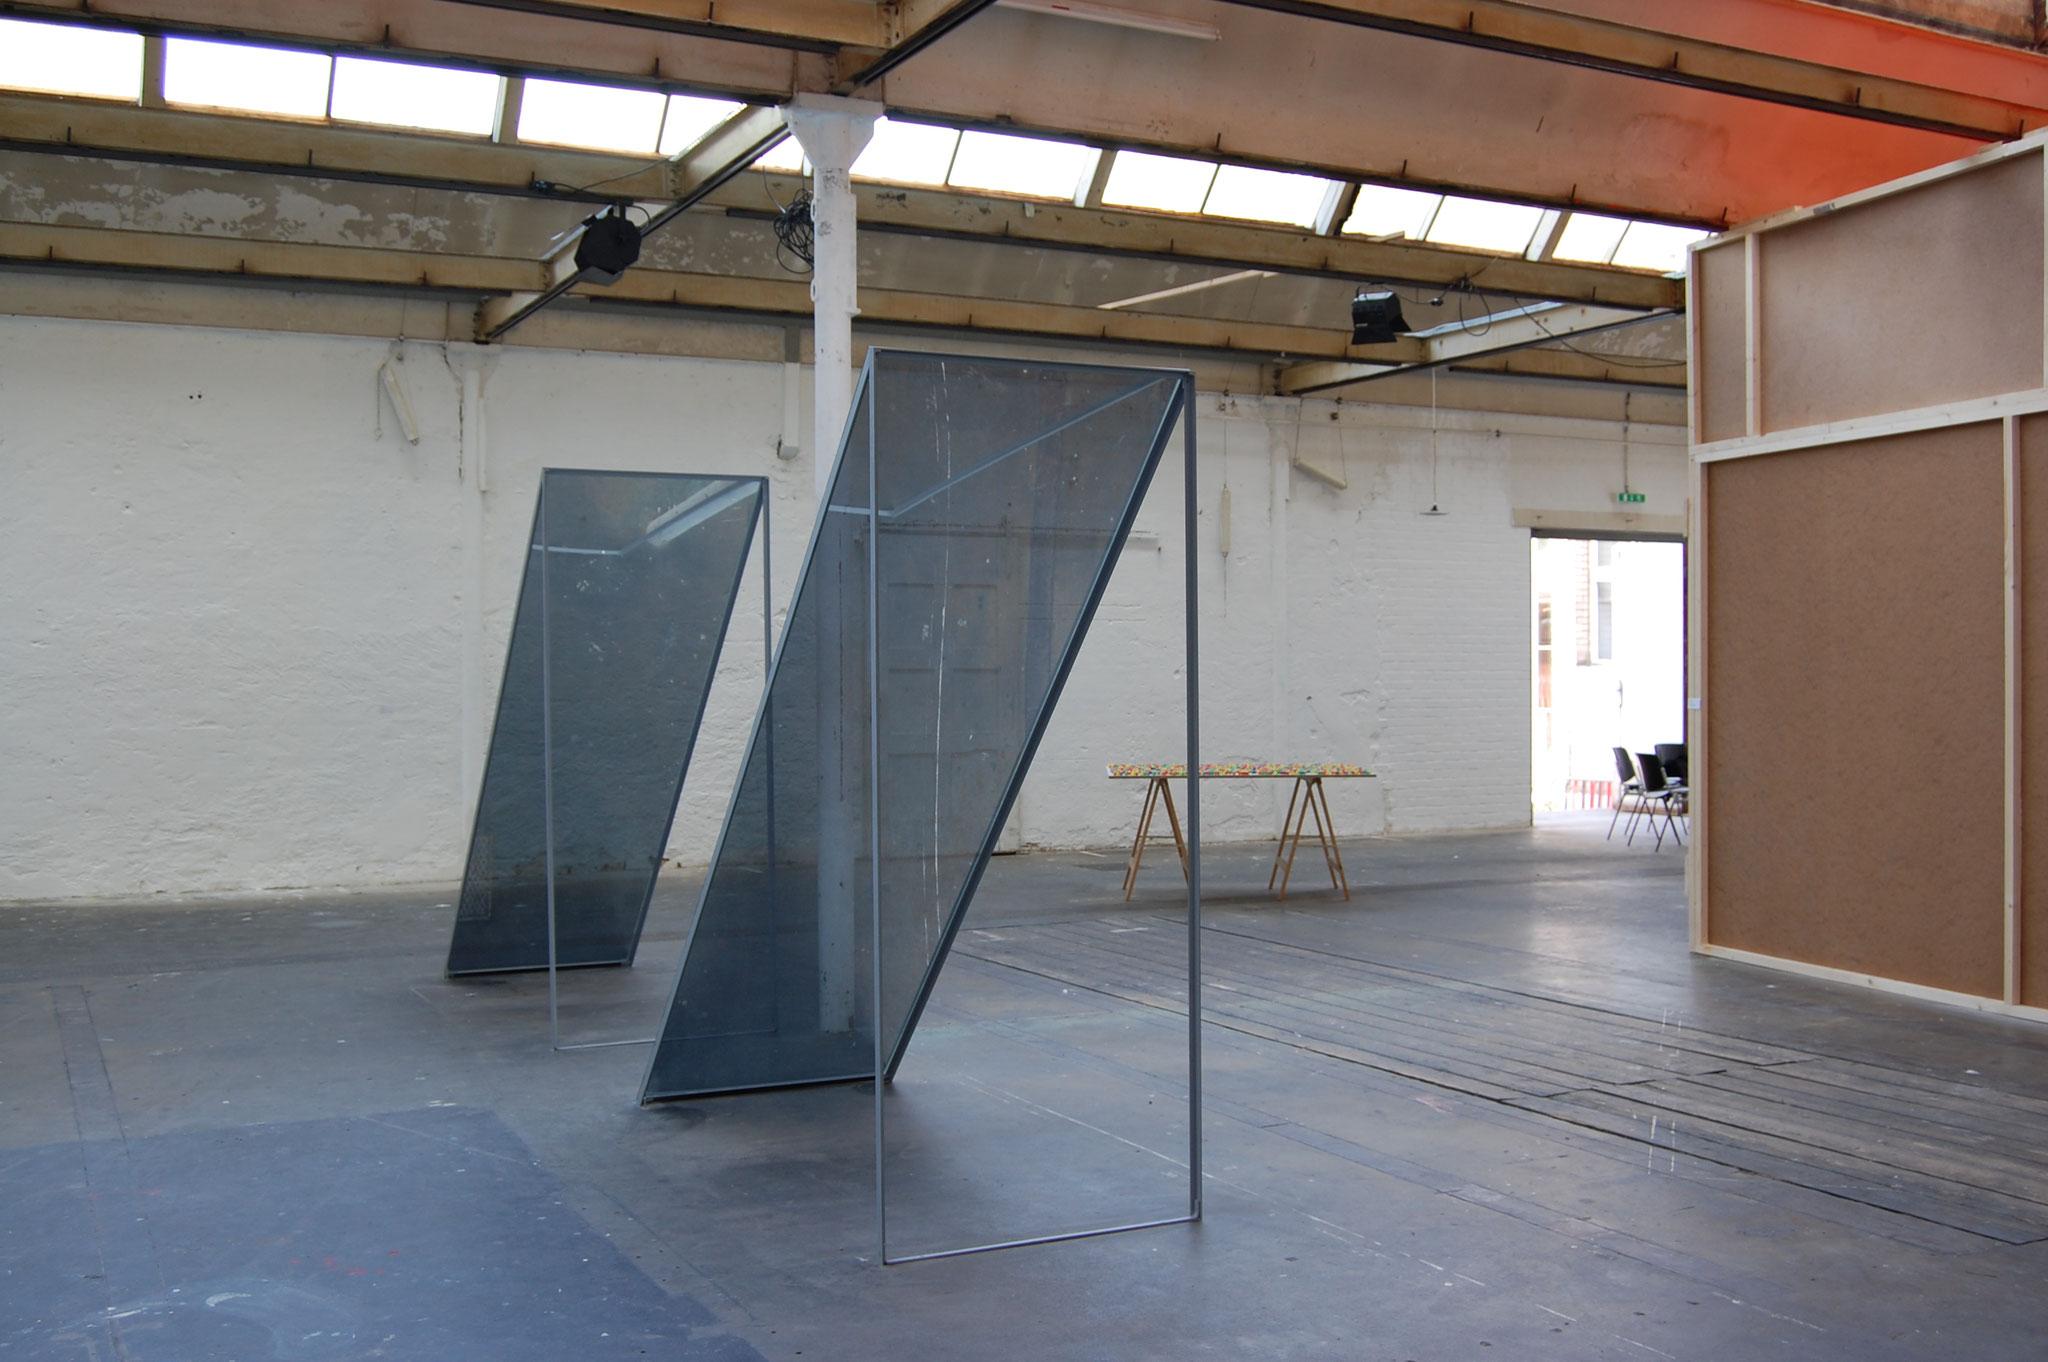 Shed; 2006; Skulptur; Plexiglas, Zweiwegfolie, Eisen; 180 x 100 x 300 cm